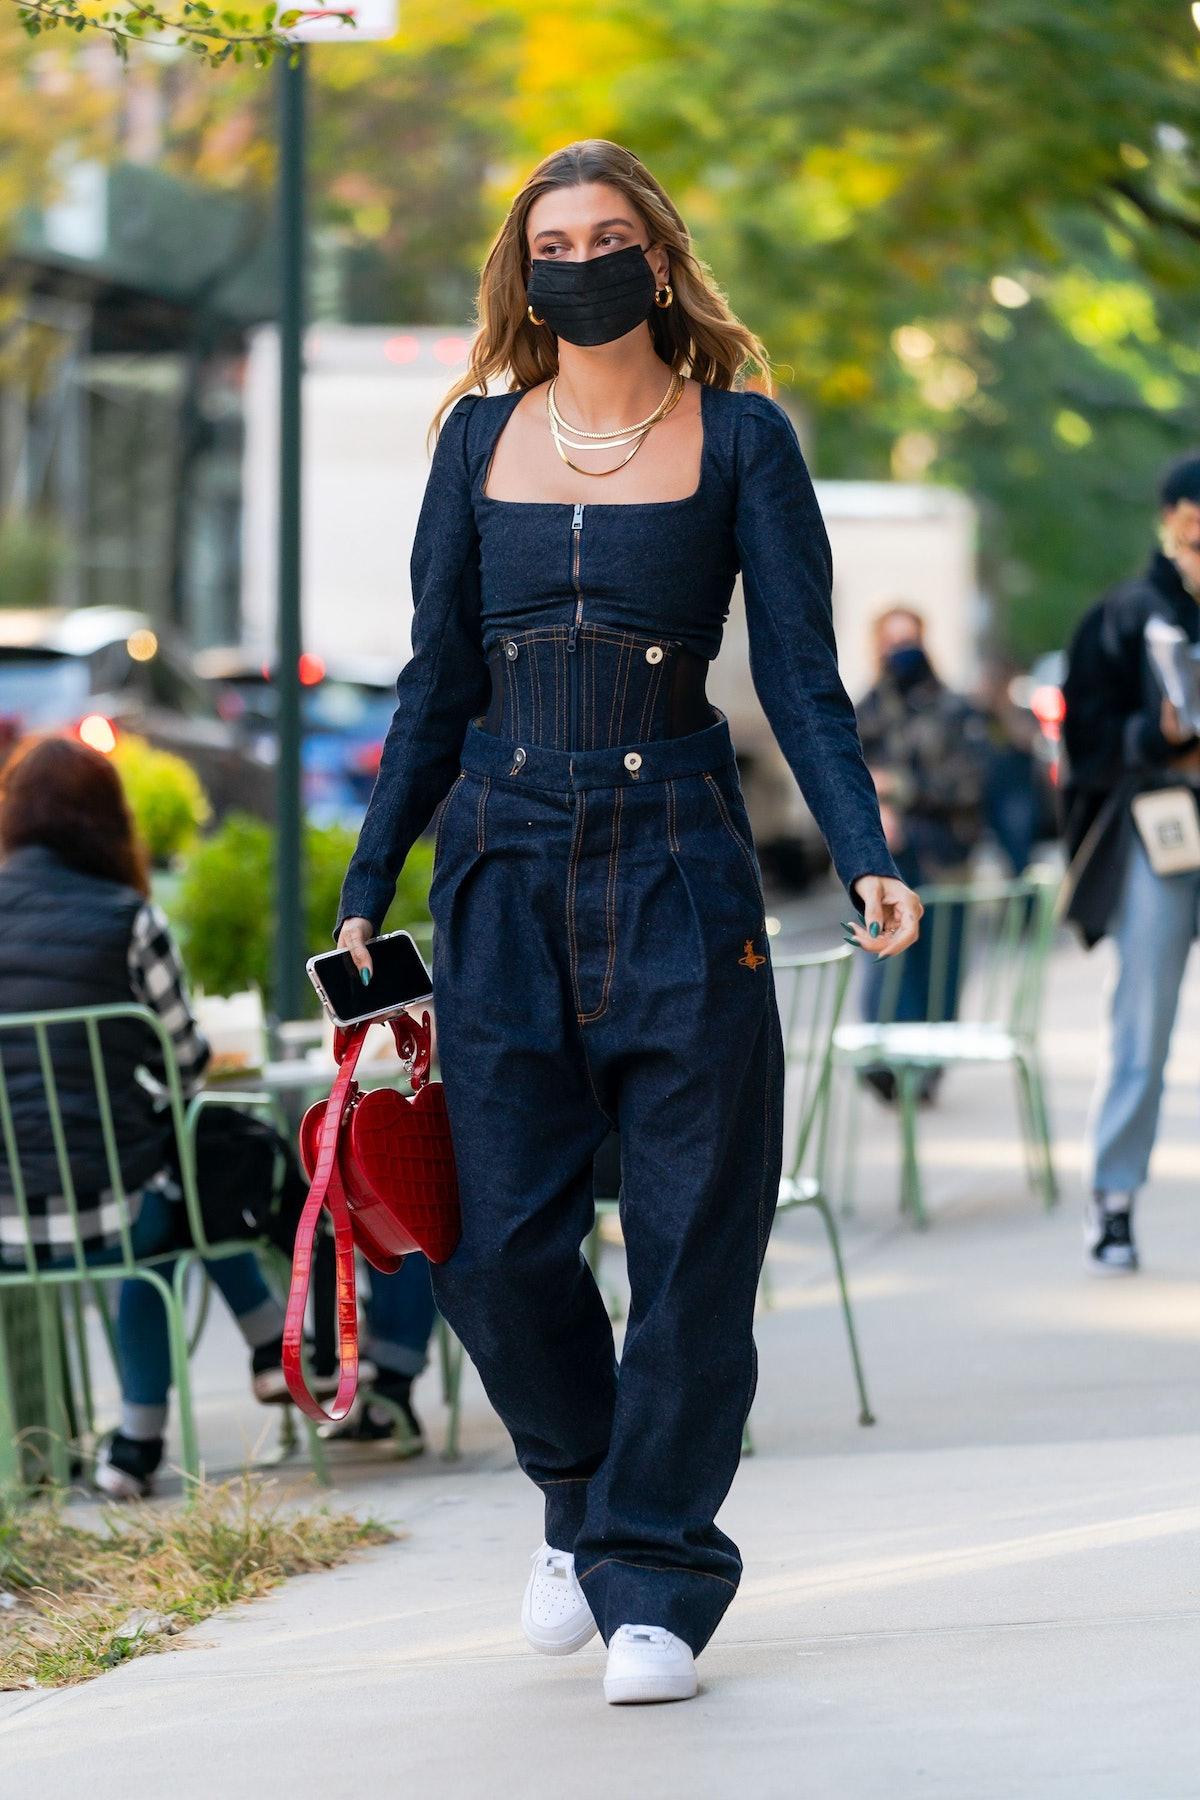 Hailey Bieber is seen in SoHo in New York City in October 2020.